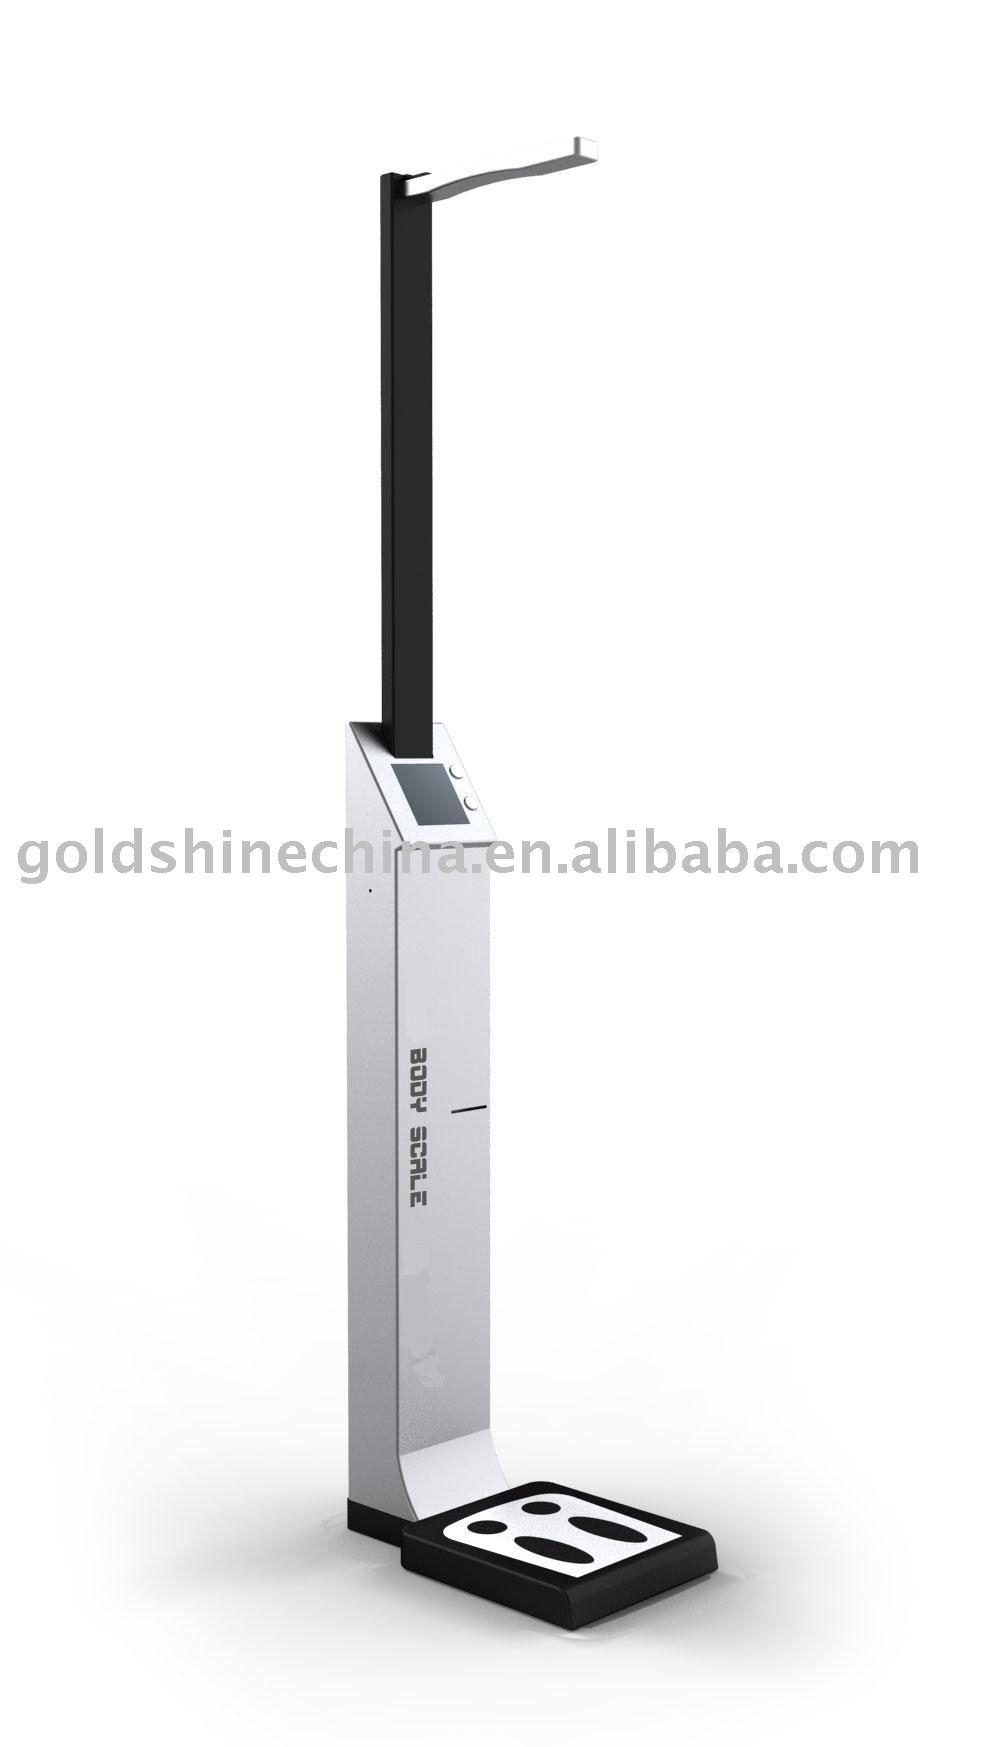 ultrasons hauteur et l 39 chelle de poids jxhw r balances id. Black Bedroom Furniture Sets. Home Design Ideas